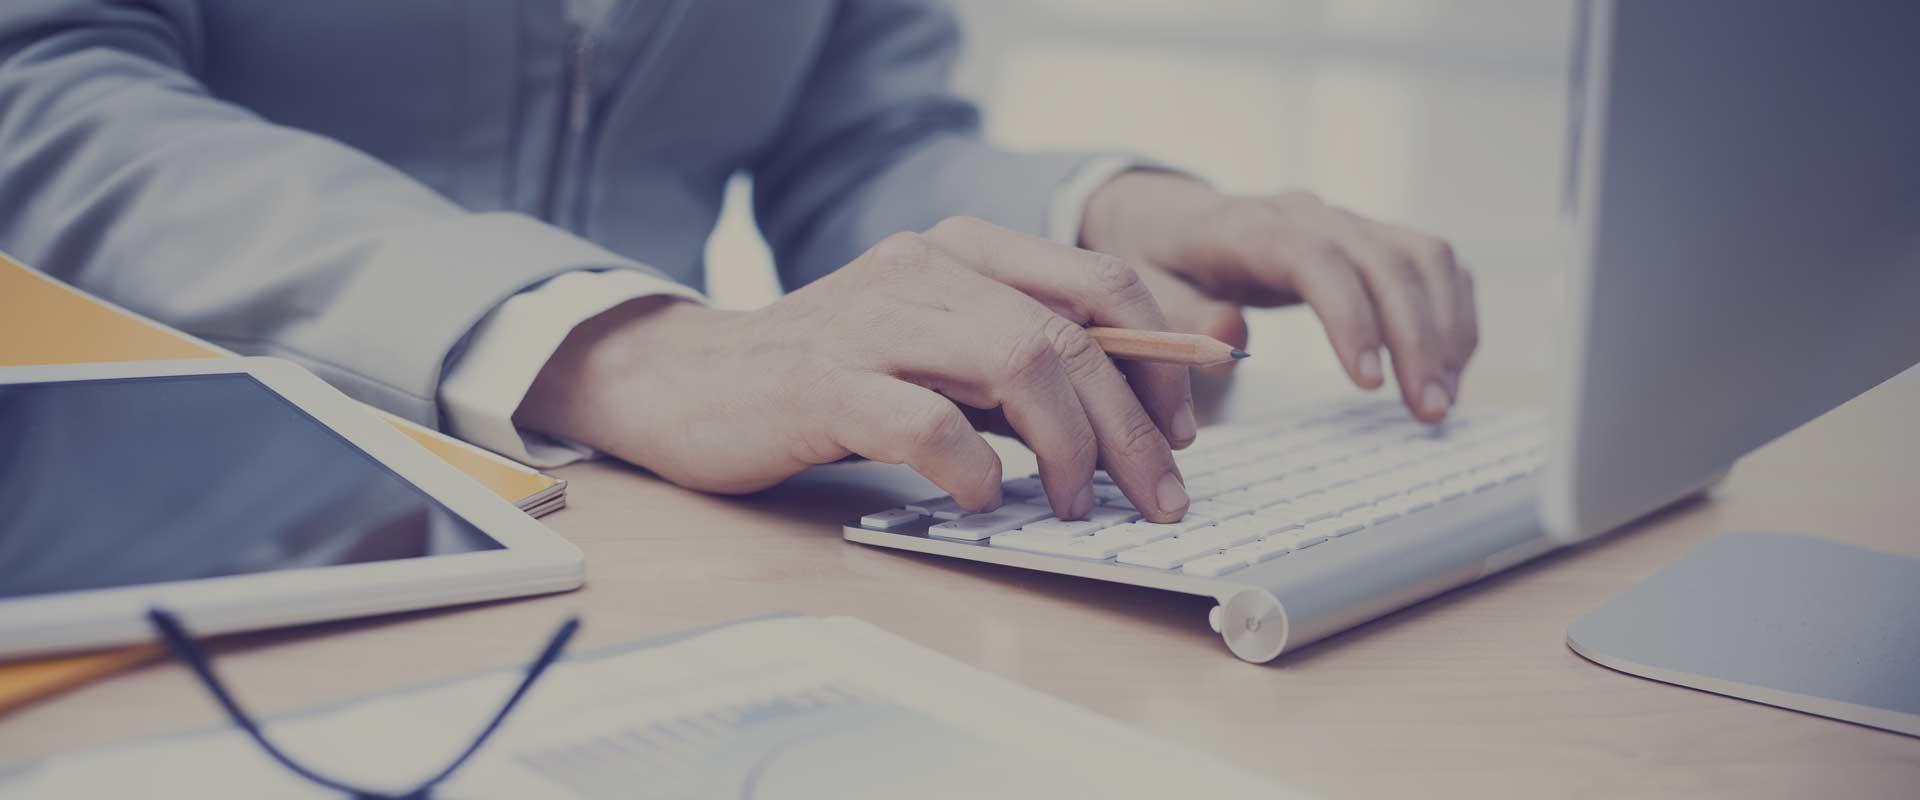 Efficiënt digitaal factureren, incasseren en boekhouden met EFI.